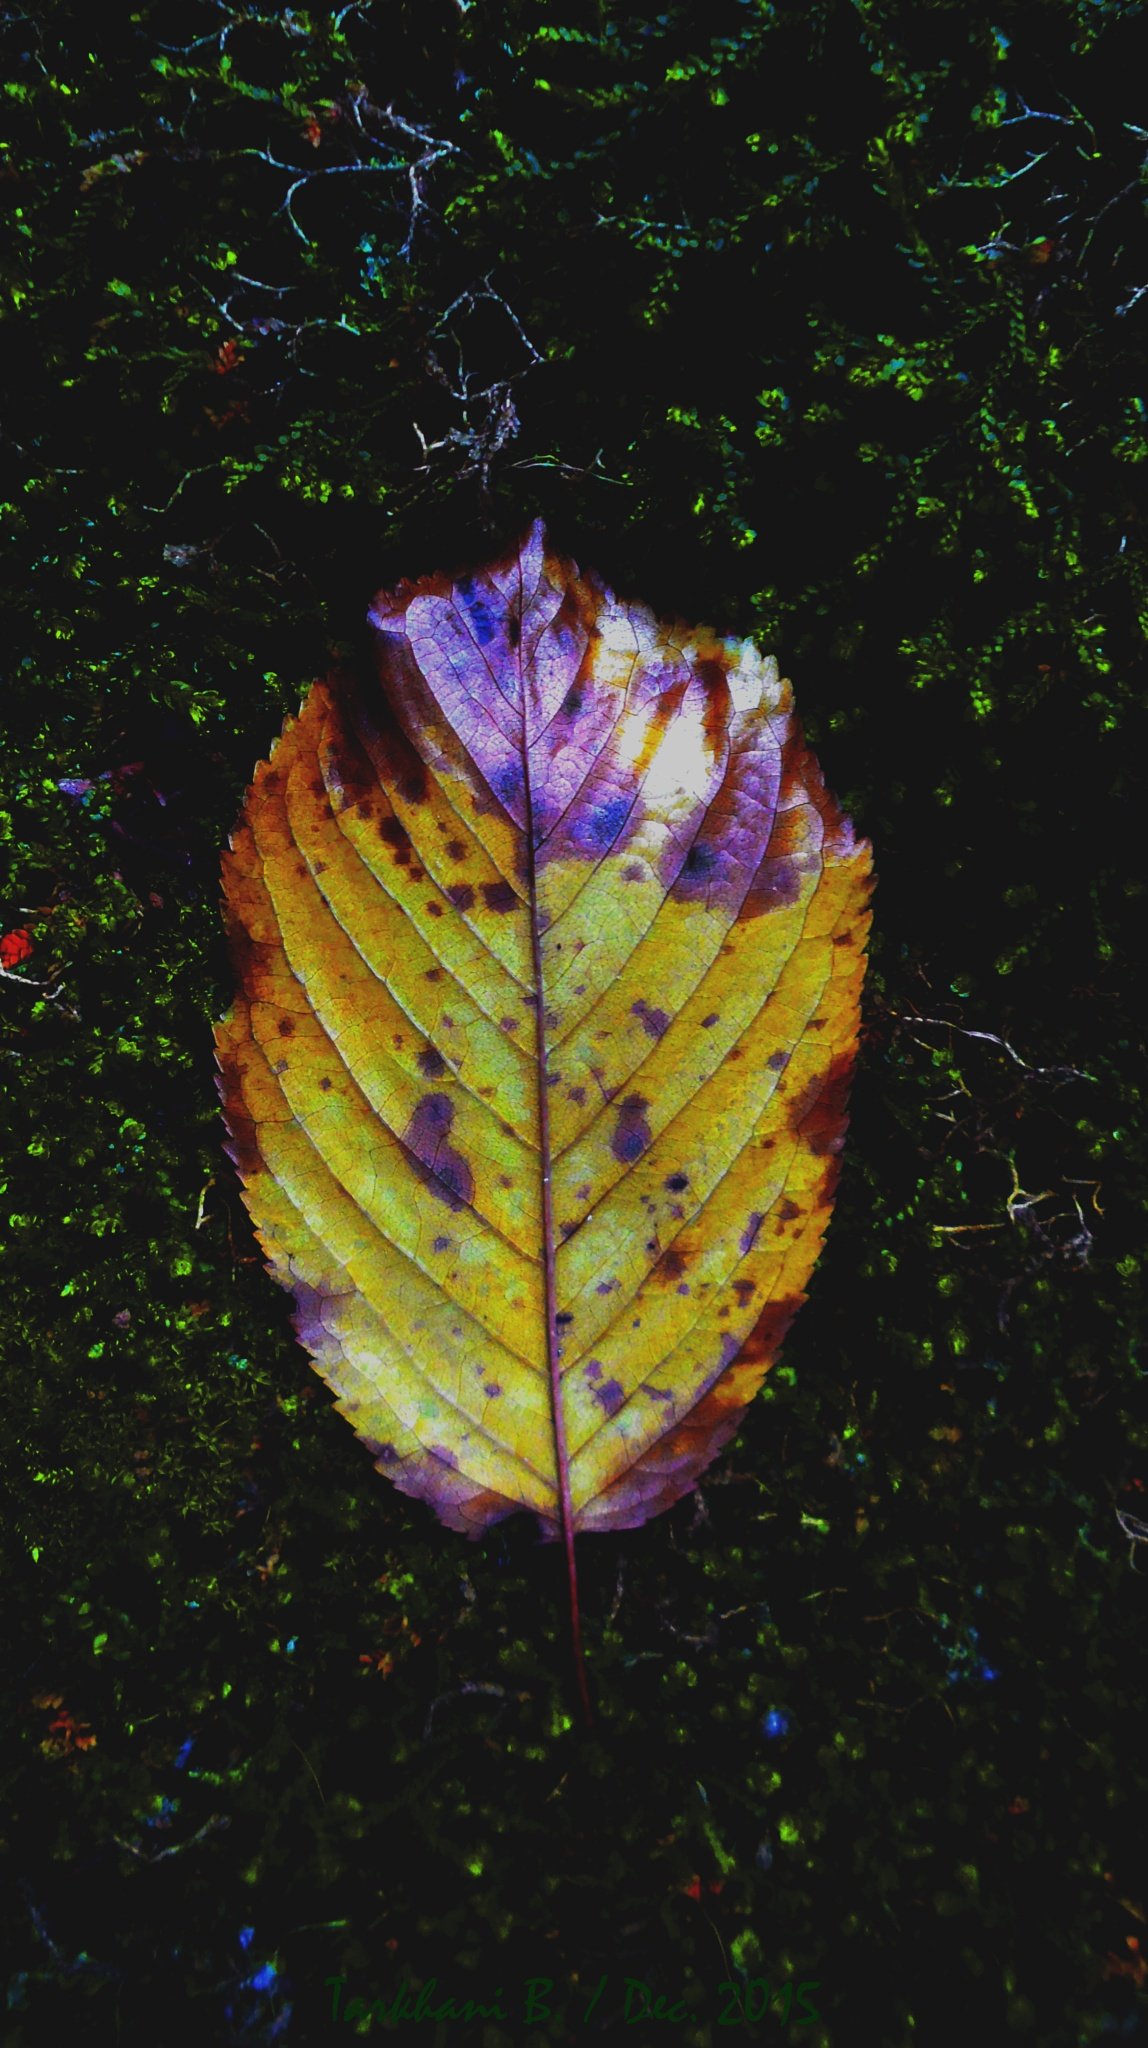 Autumn Spirit by BelgaTarkhani